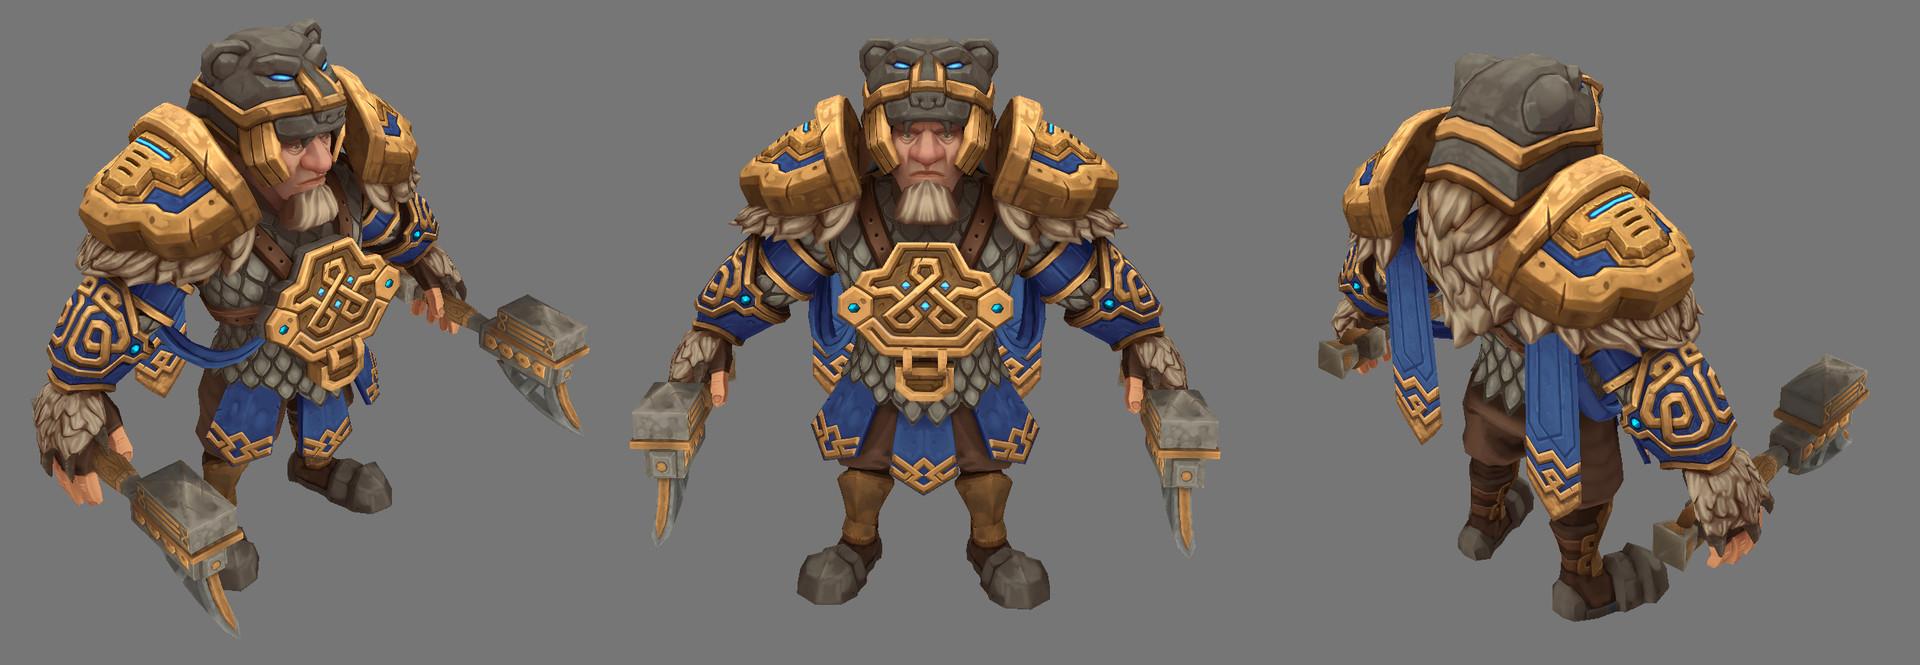 Allan macdonald warrior king 01